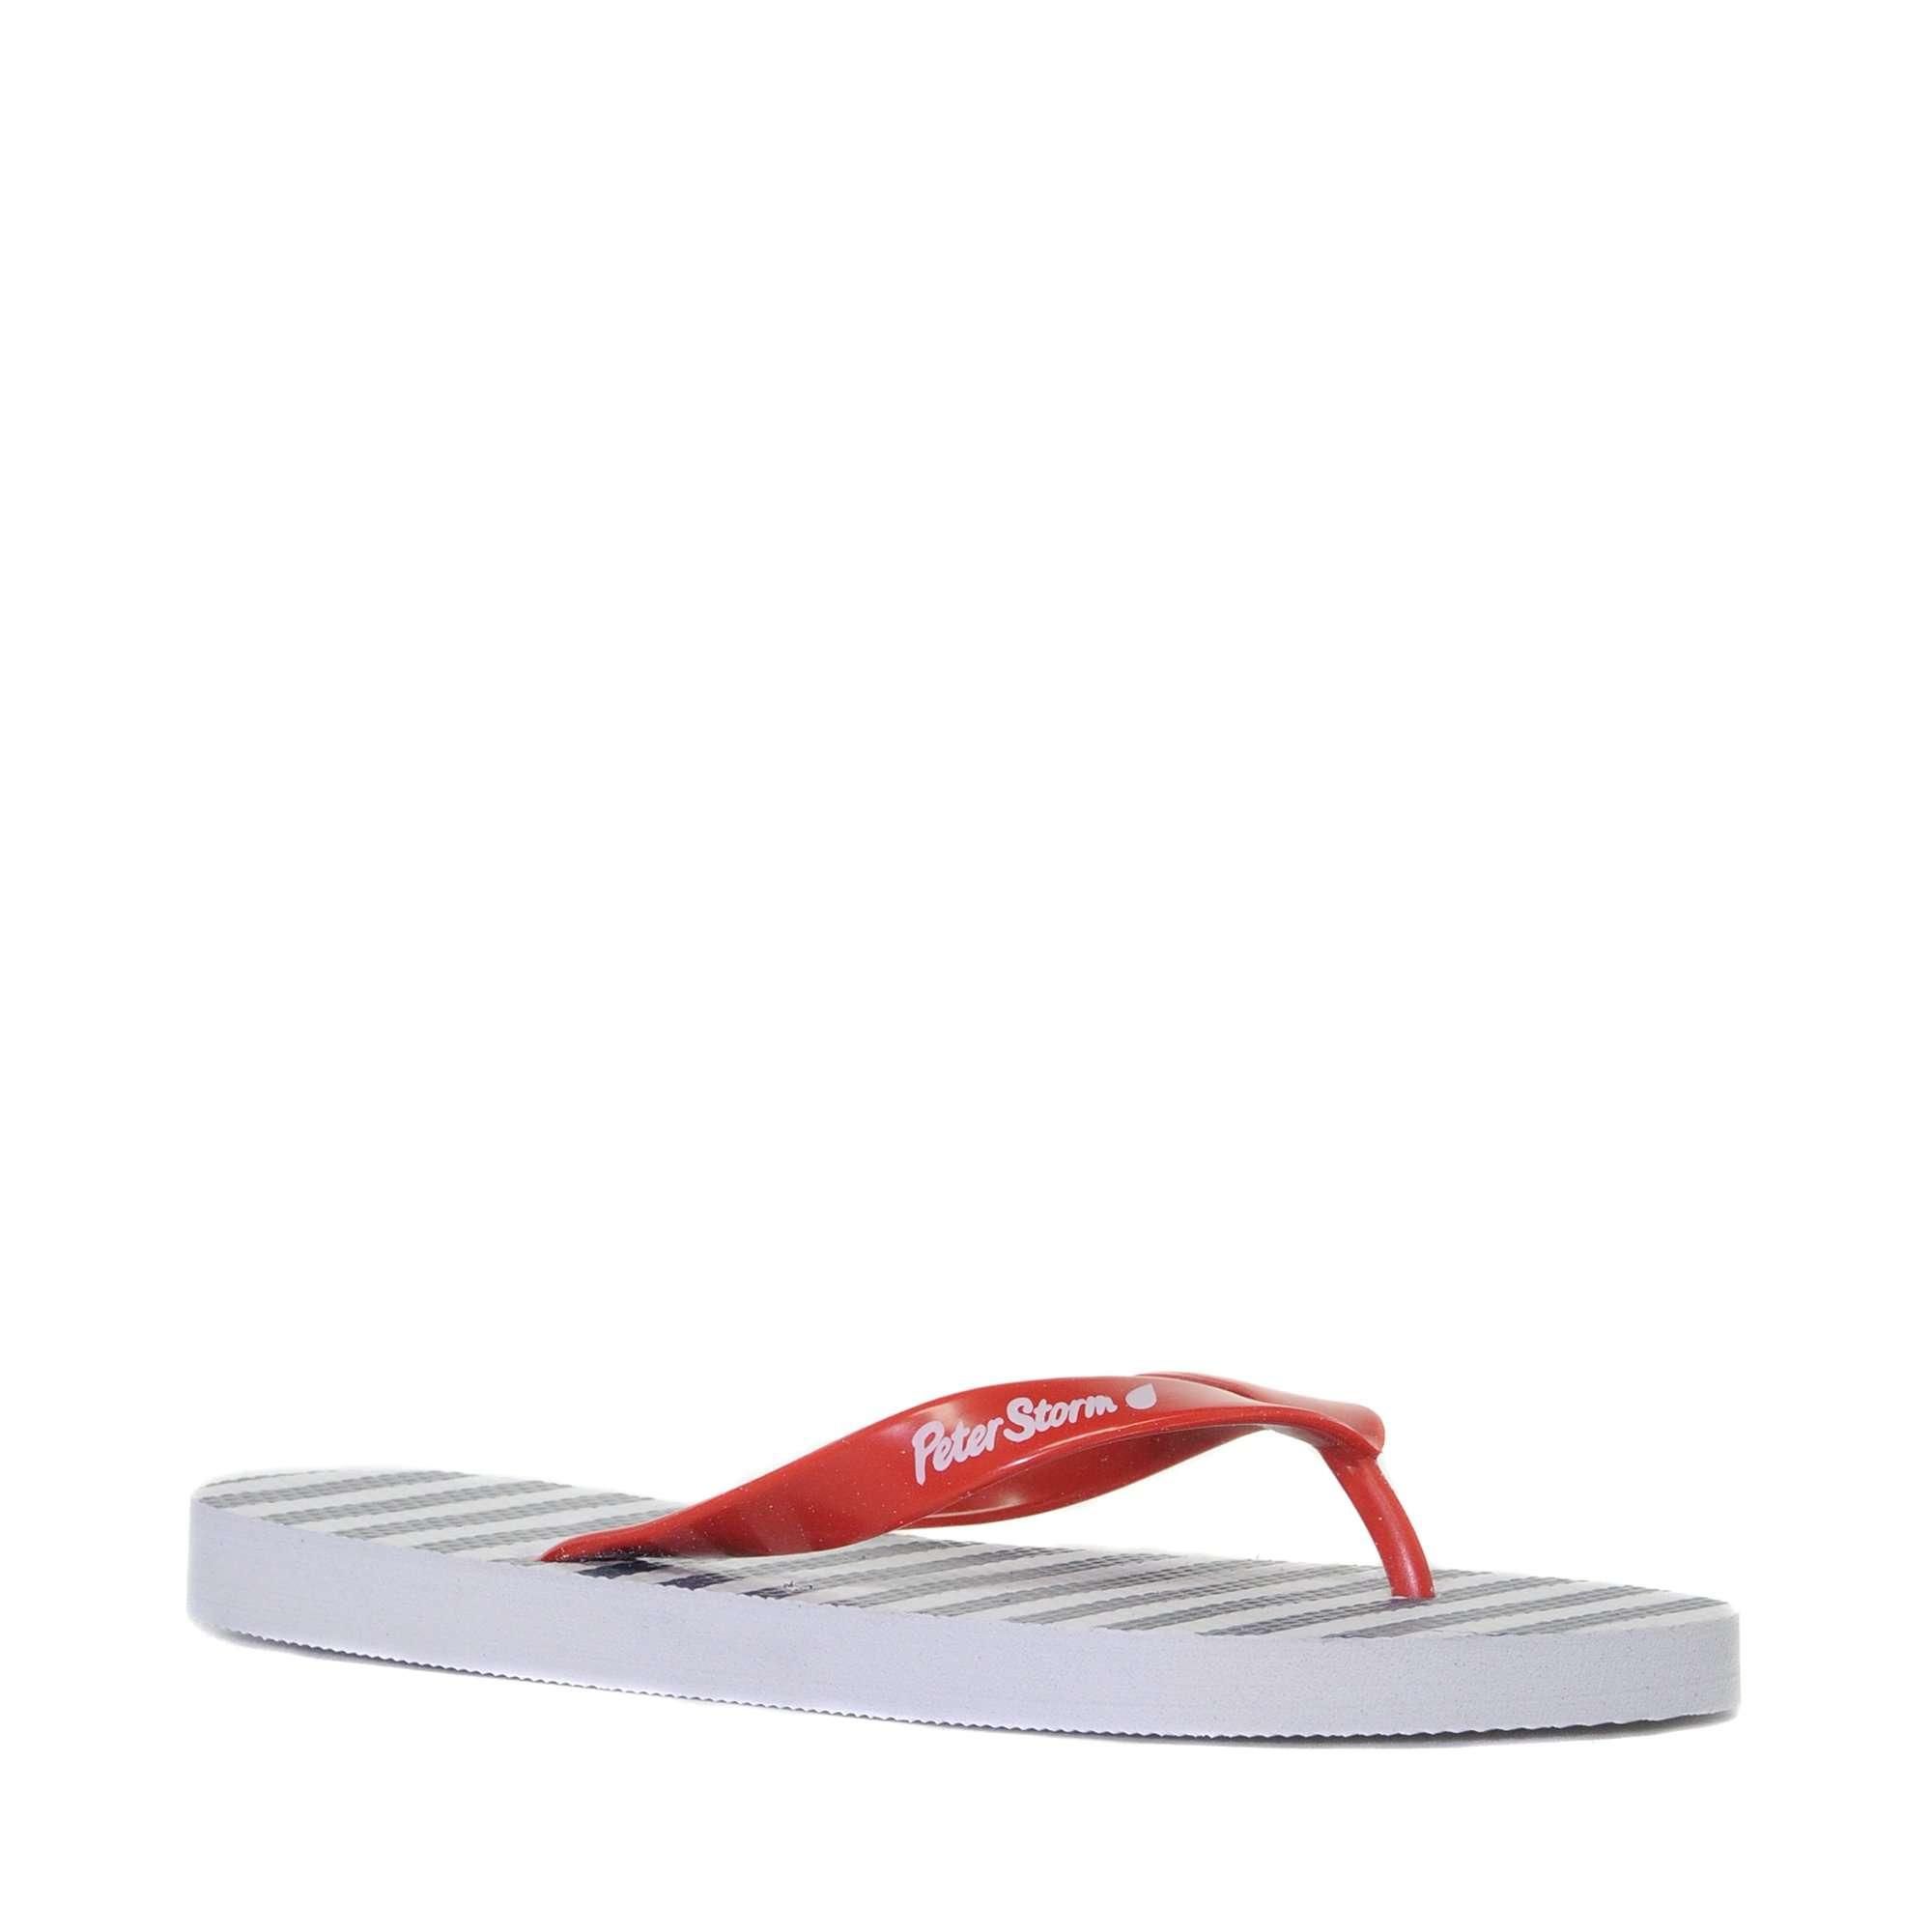 PETER STORM Women's Stripe Flip Flops